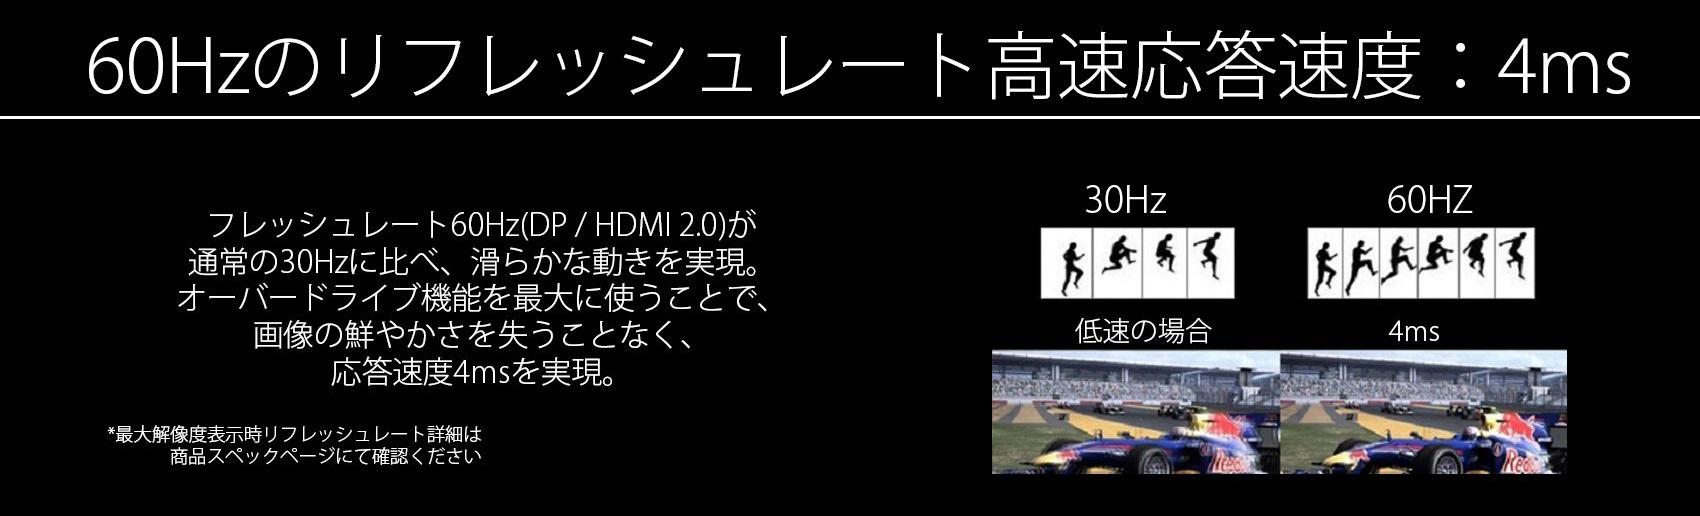 フレッシュレート60Hz(DP / HDMI 2.0)が通常の30Hzに比べ、滑らかな動きを実現。オーバードライブ機能を最大に使うことで、画像の鮮やかさを失うことなく、応答速度4msを実現。